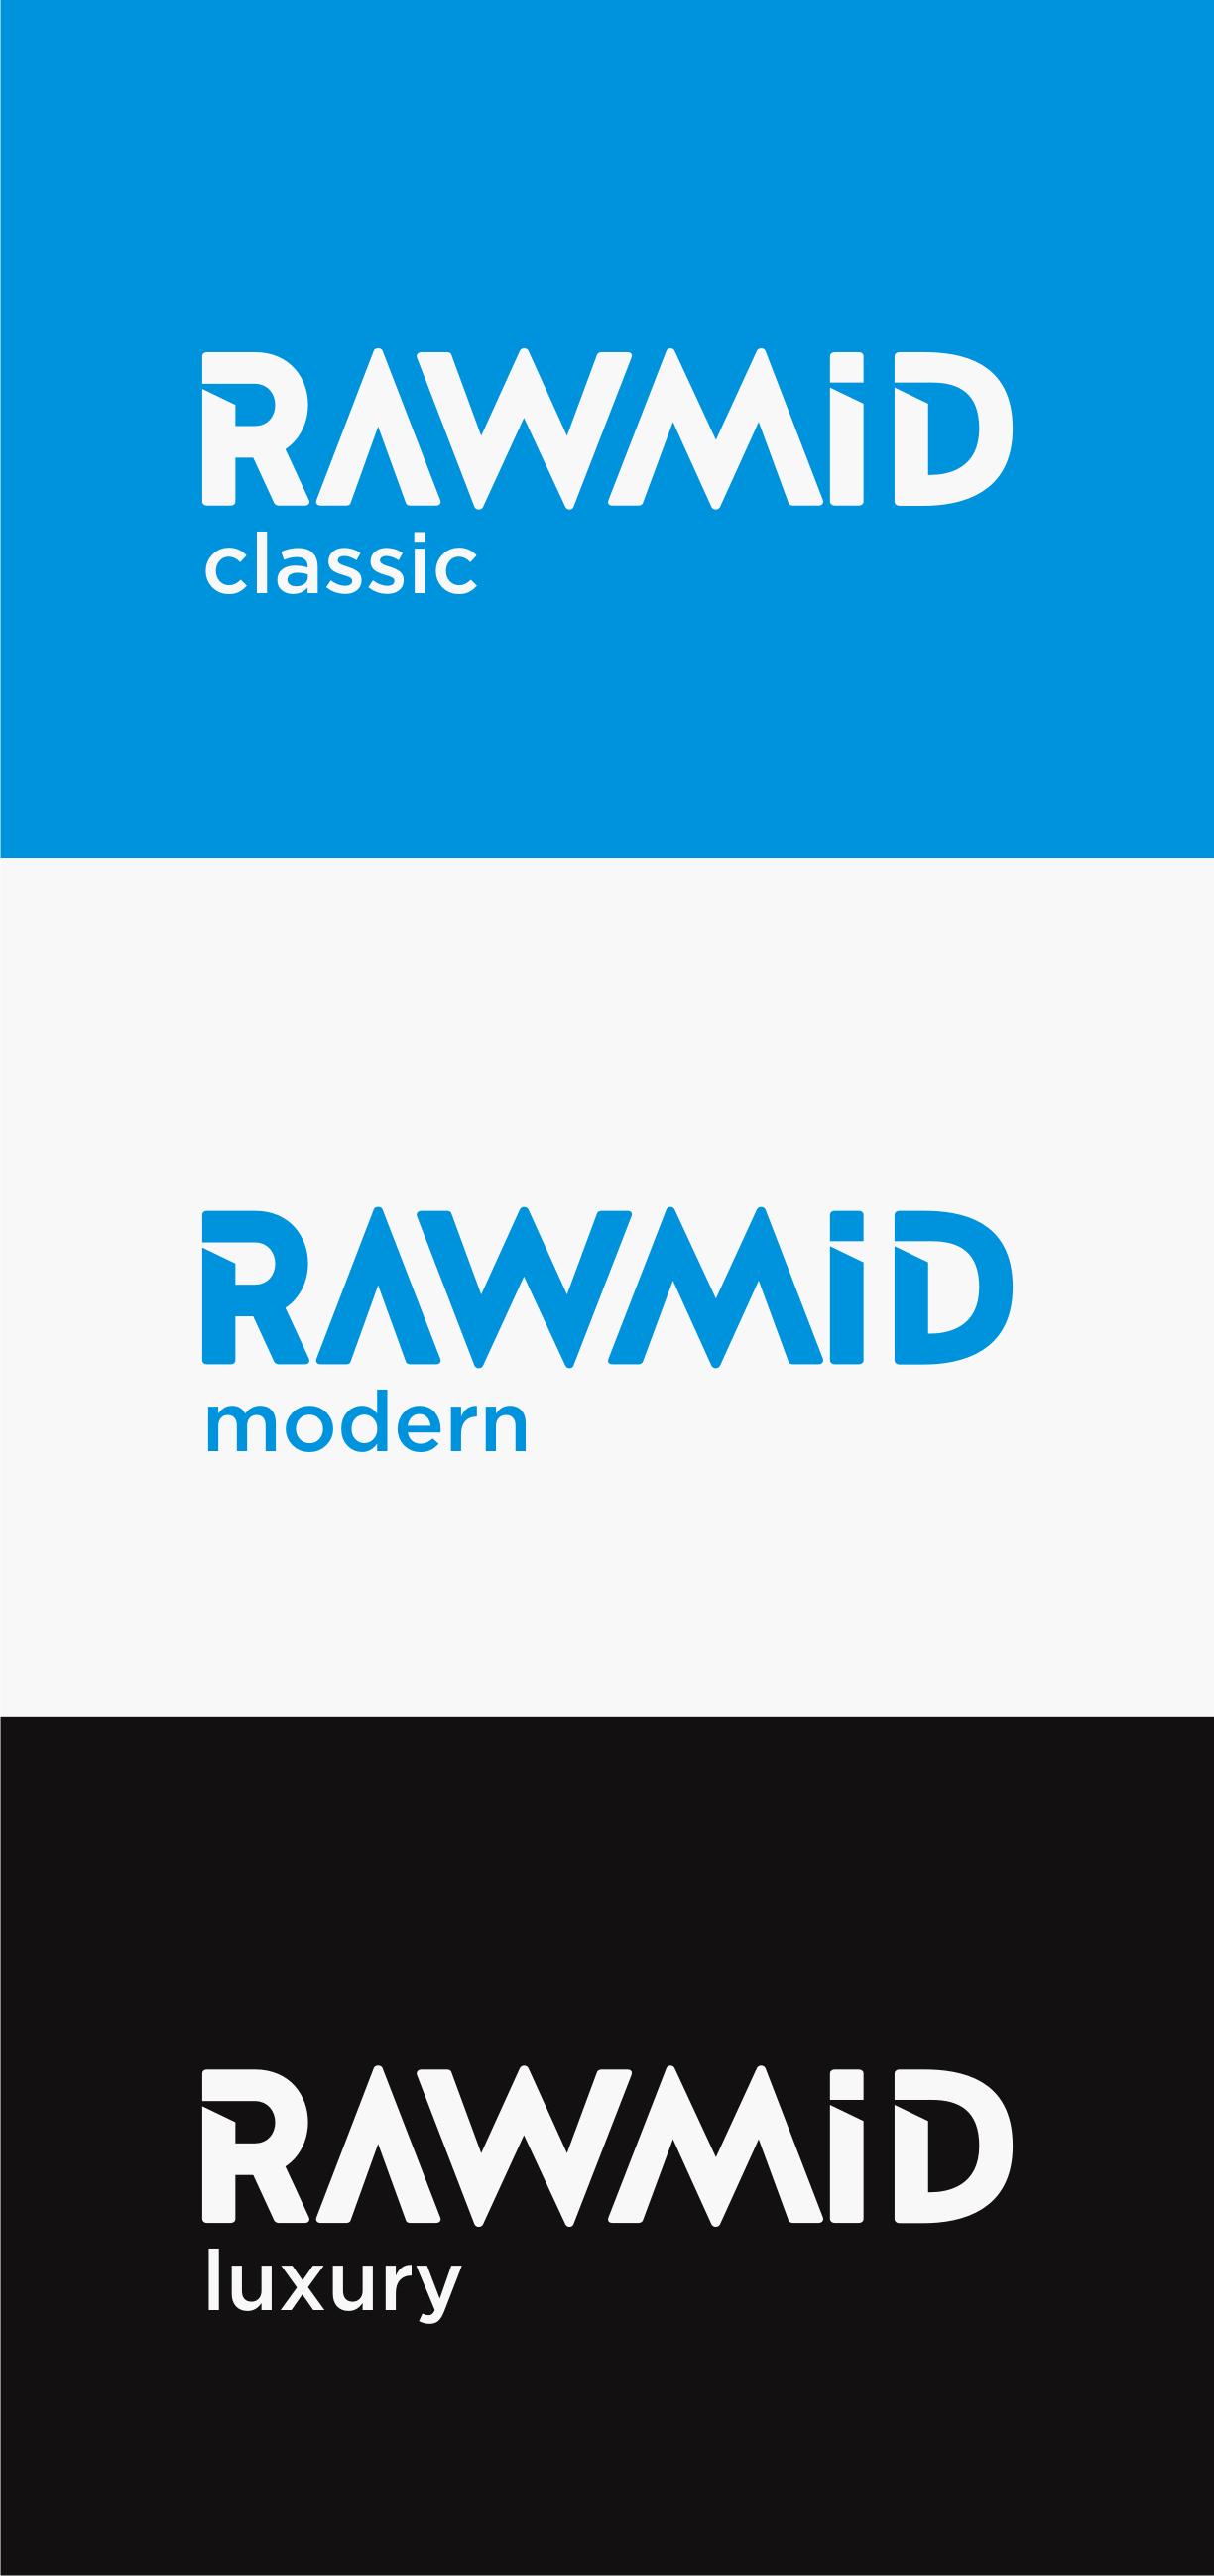 Создать логотип (буквенная часть) для бренда бытовой техники фото f_9935b33ed3e1a702.png